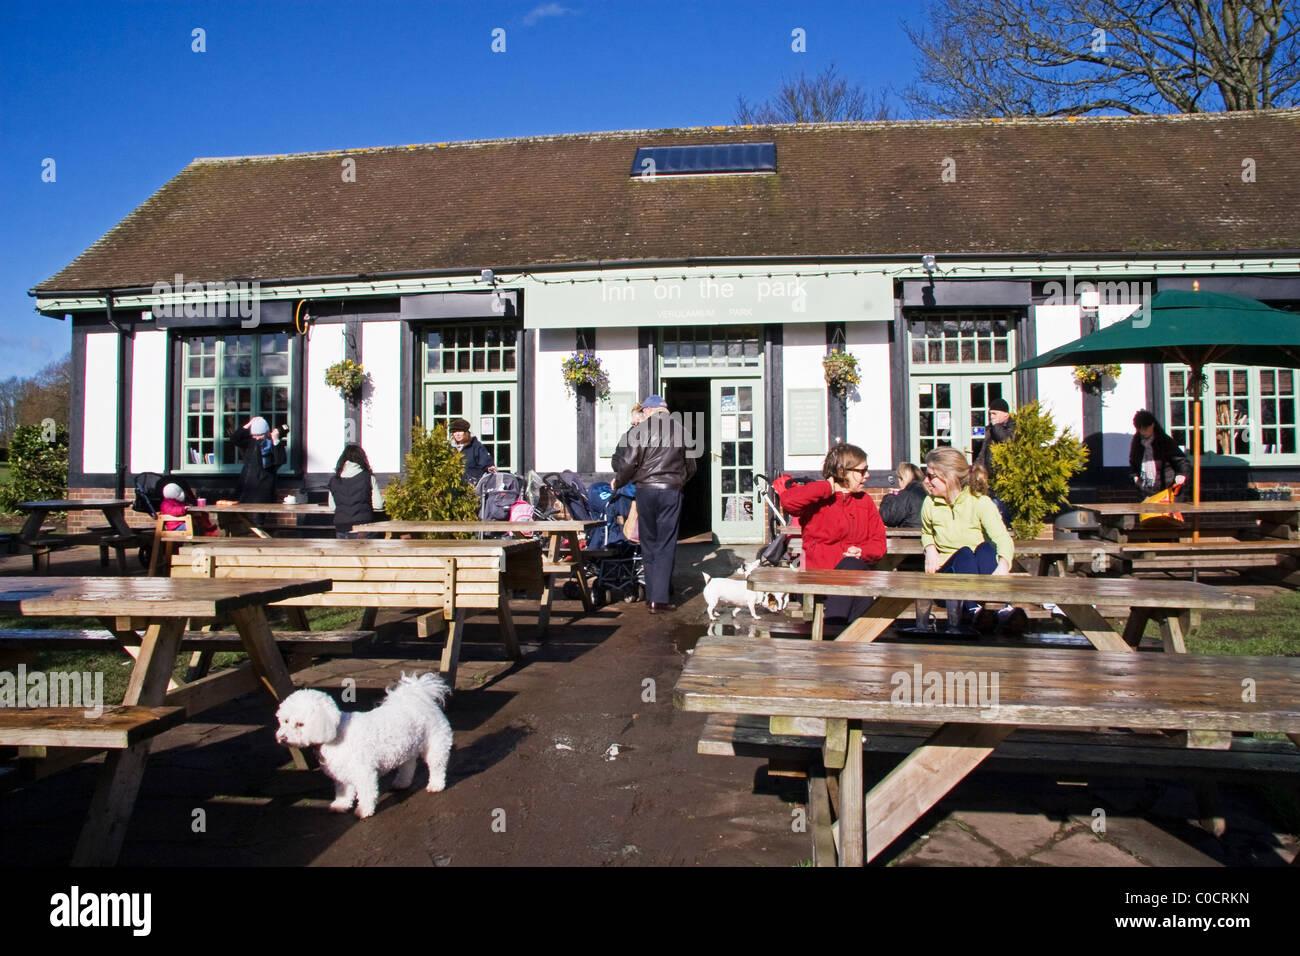 Hellen Wochentag Wintermorgen im Inn auf der Park ein beliebtes Café in Verulamium Park, St Albans, Hertfordshire, Stockfoto